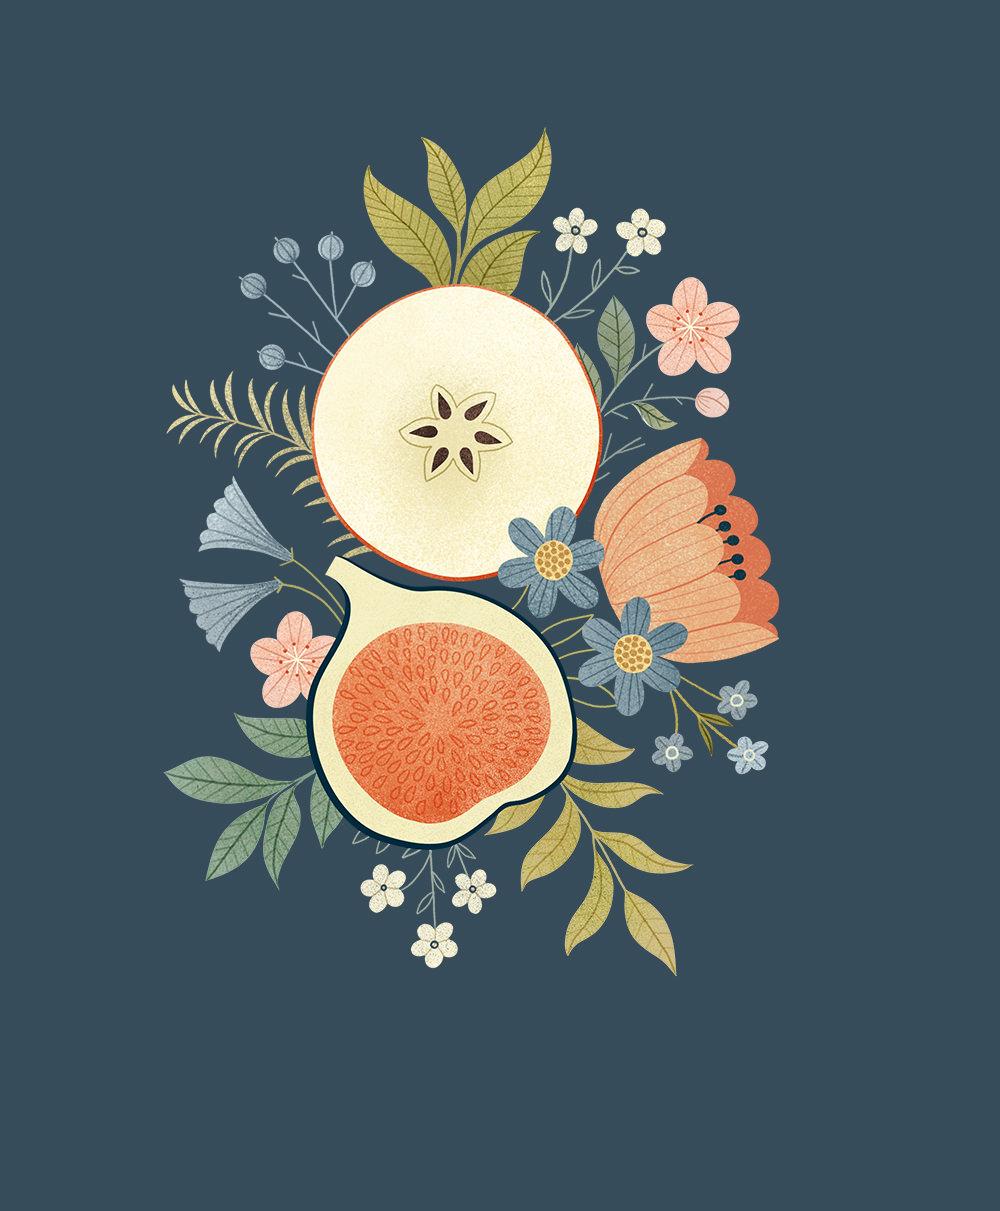 Fruit Bouquet. Illustration by Clare Owen.